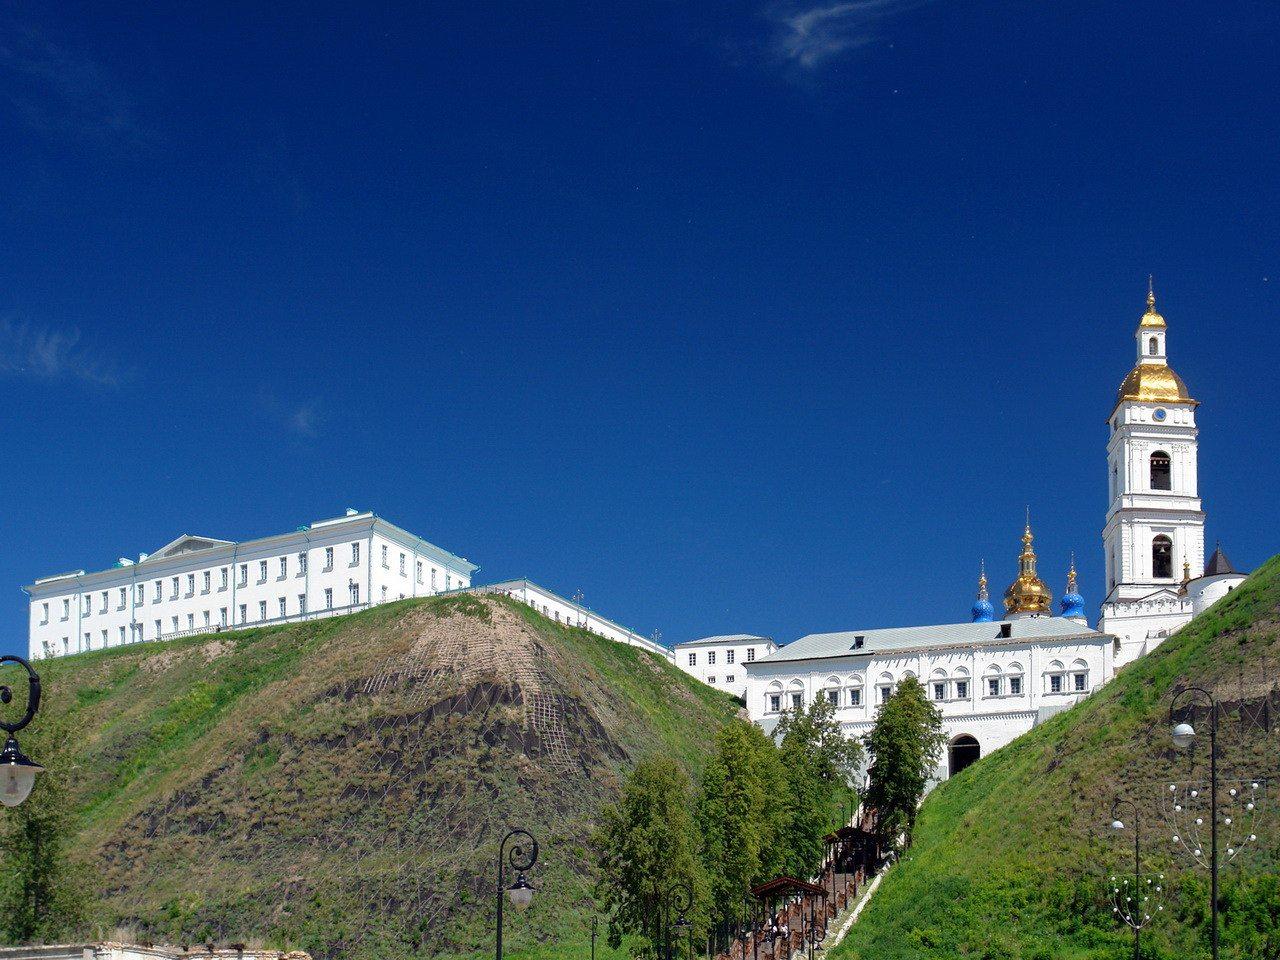 Софийский Прямской взвоз, Тобольский кремль, Тобольск, Тюменская область